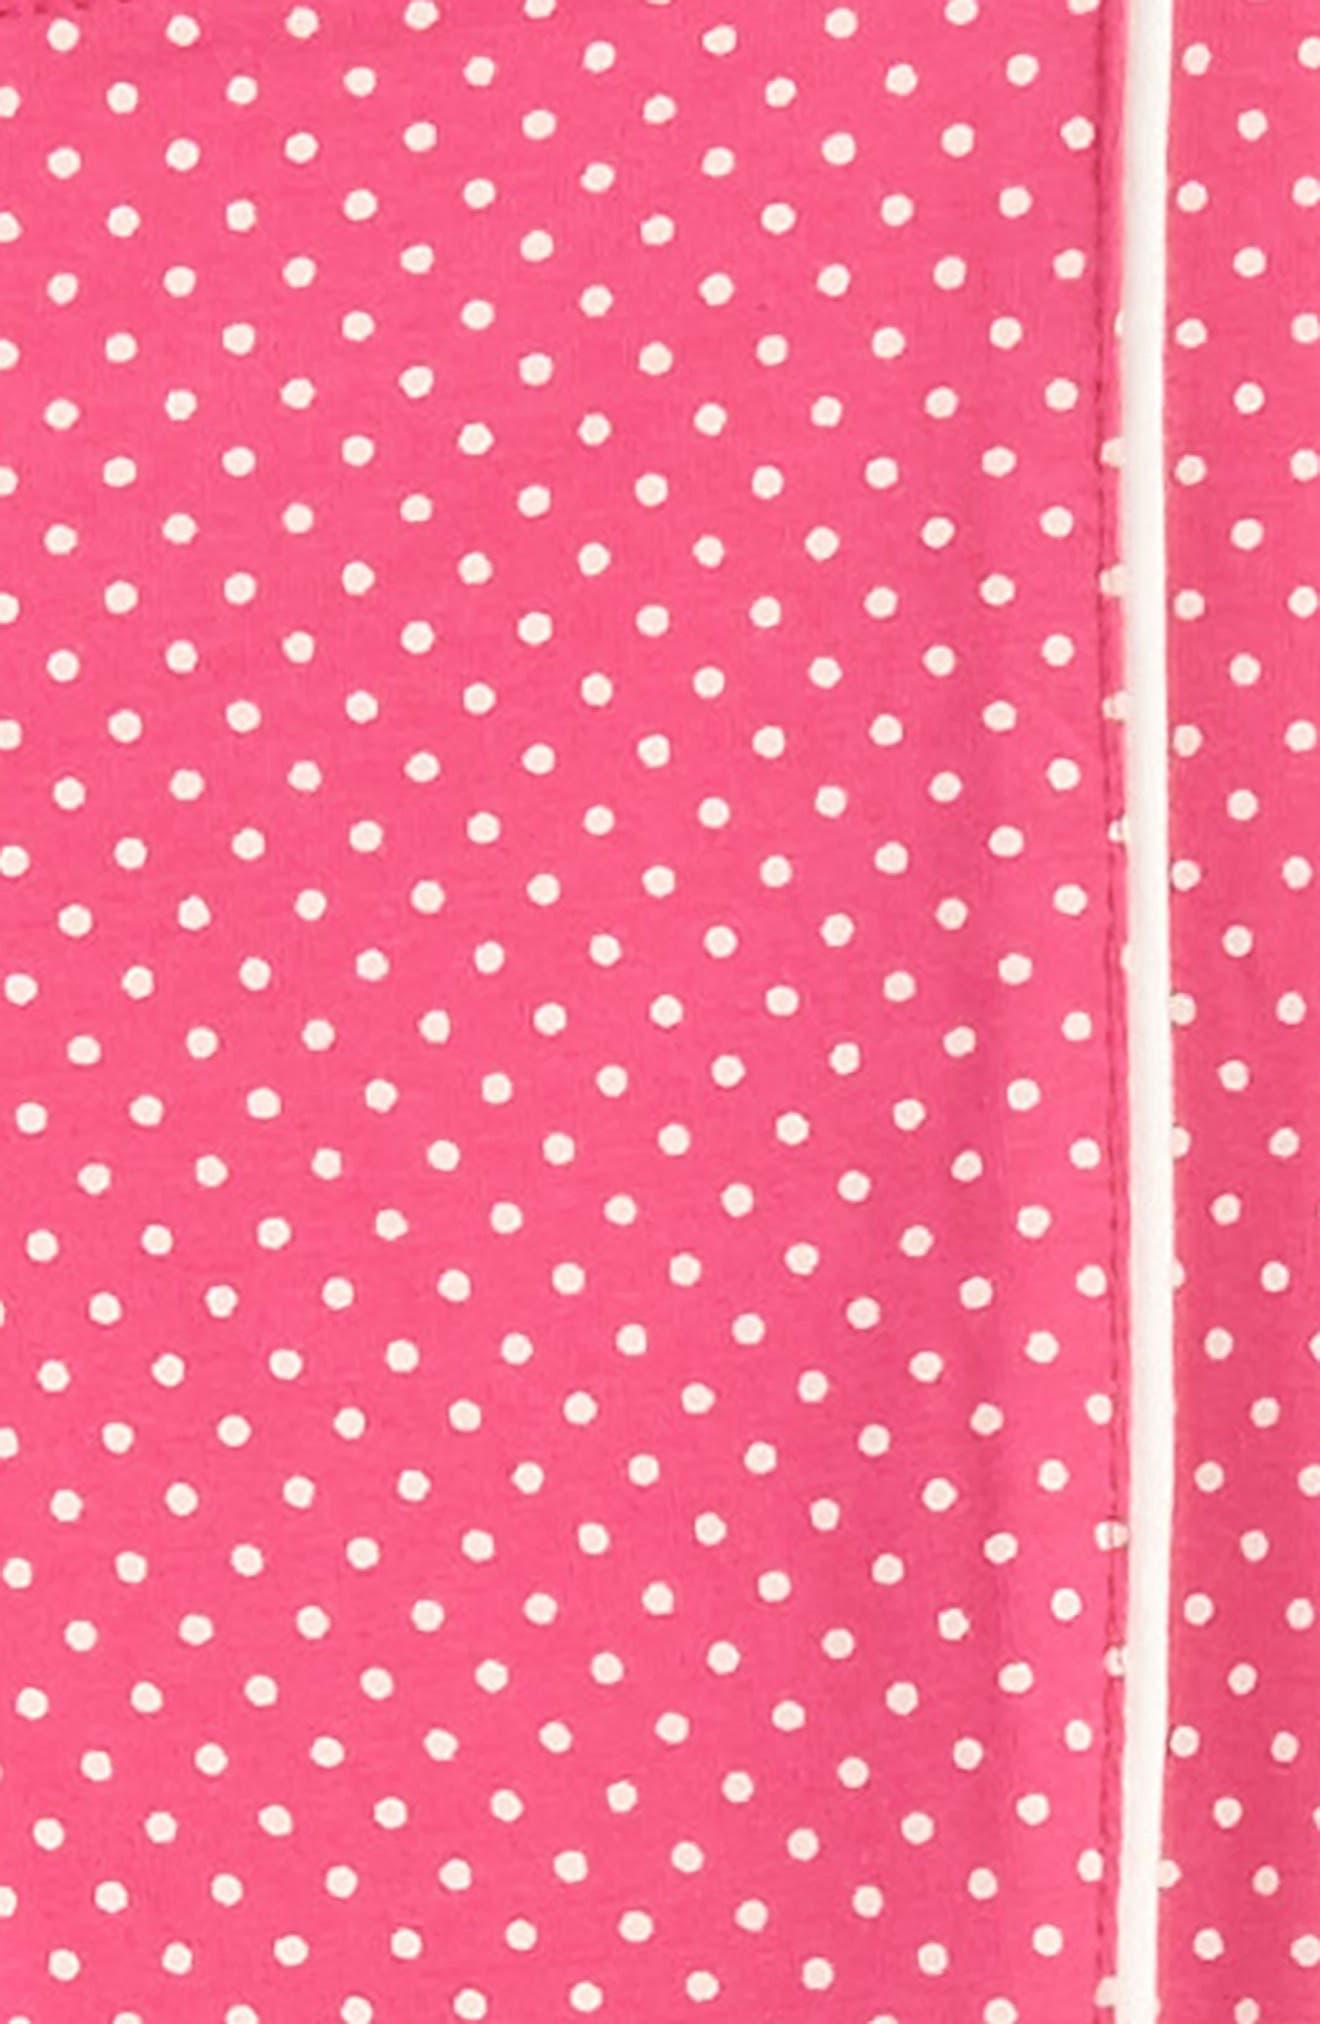 Stripe-n-Dot Leggings,                             Alternate thumbnail 2, color,                             651